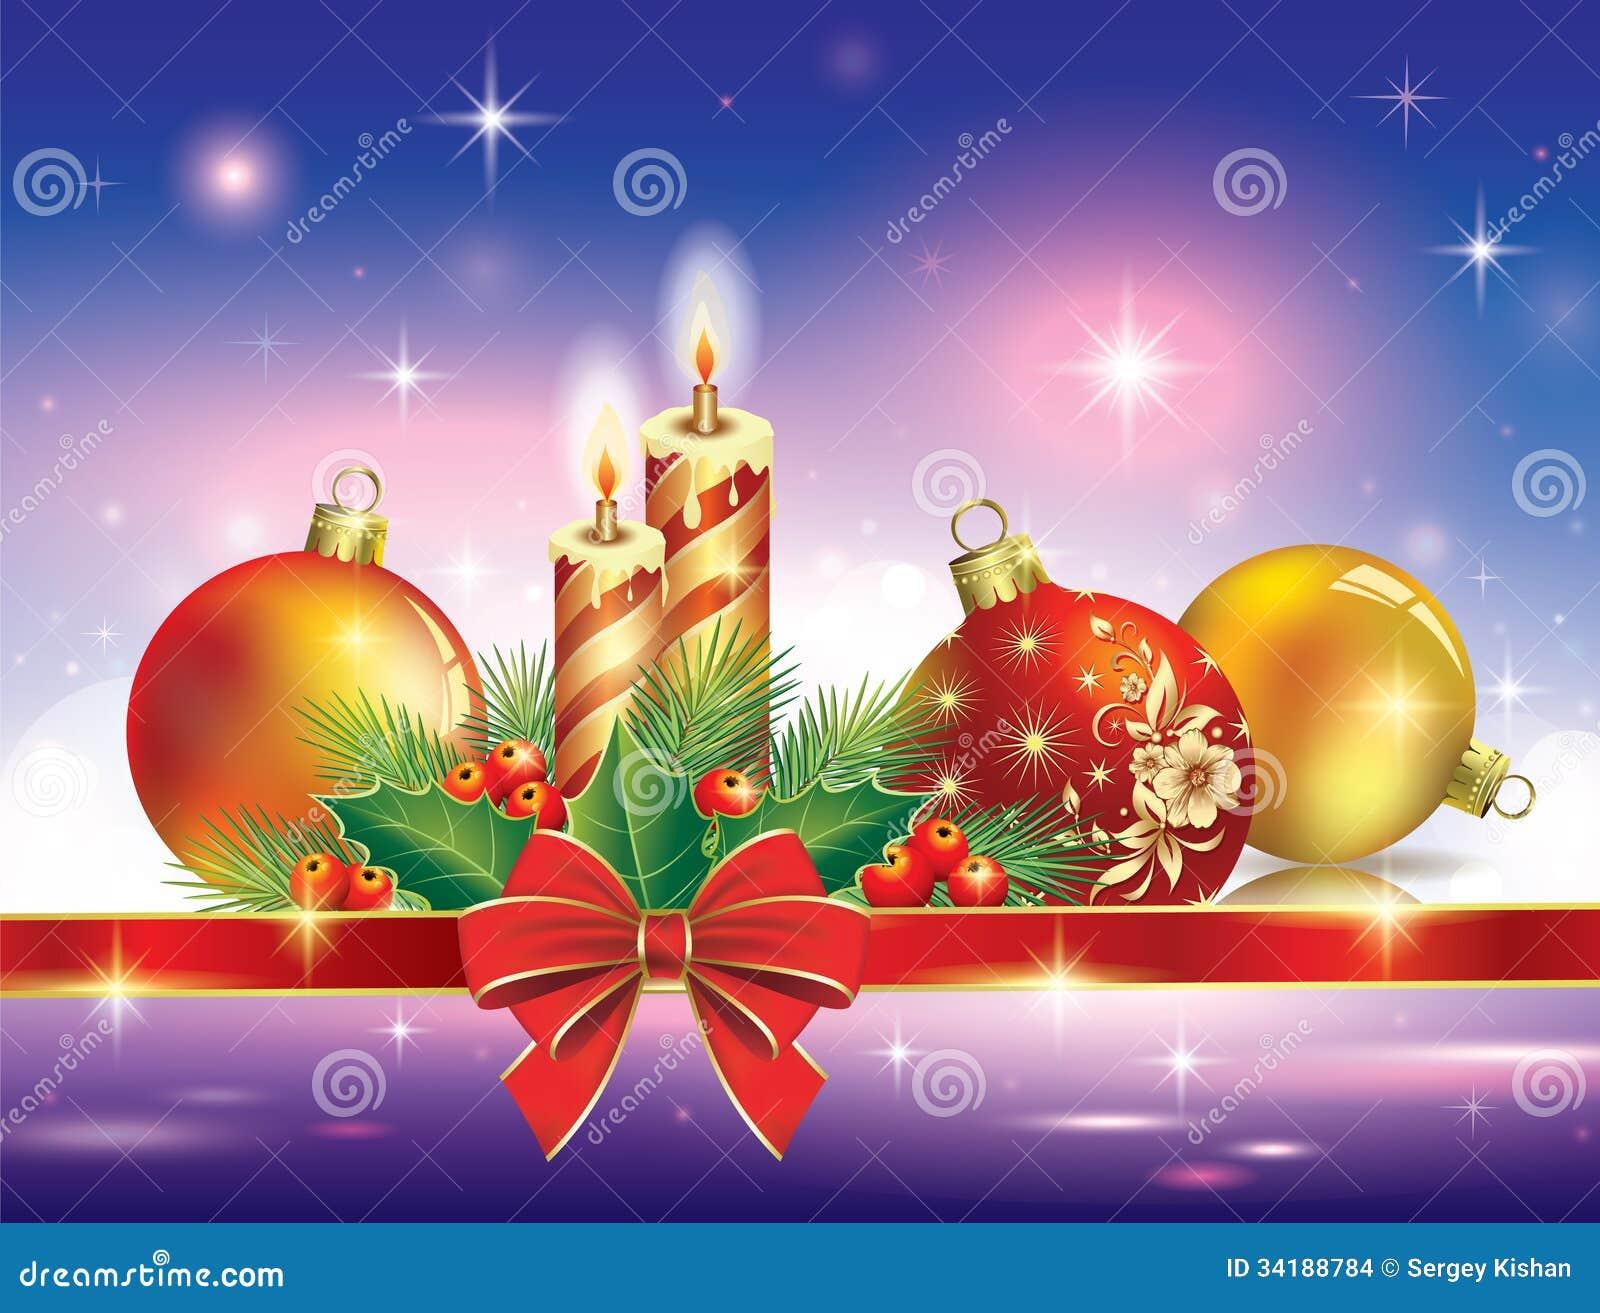 fotos de tarjetas de navidad